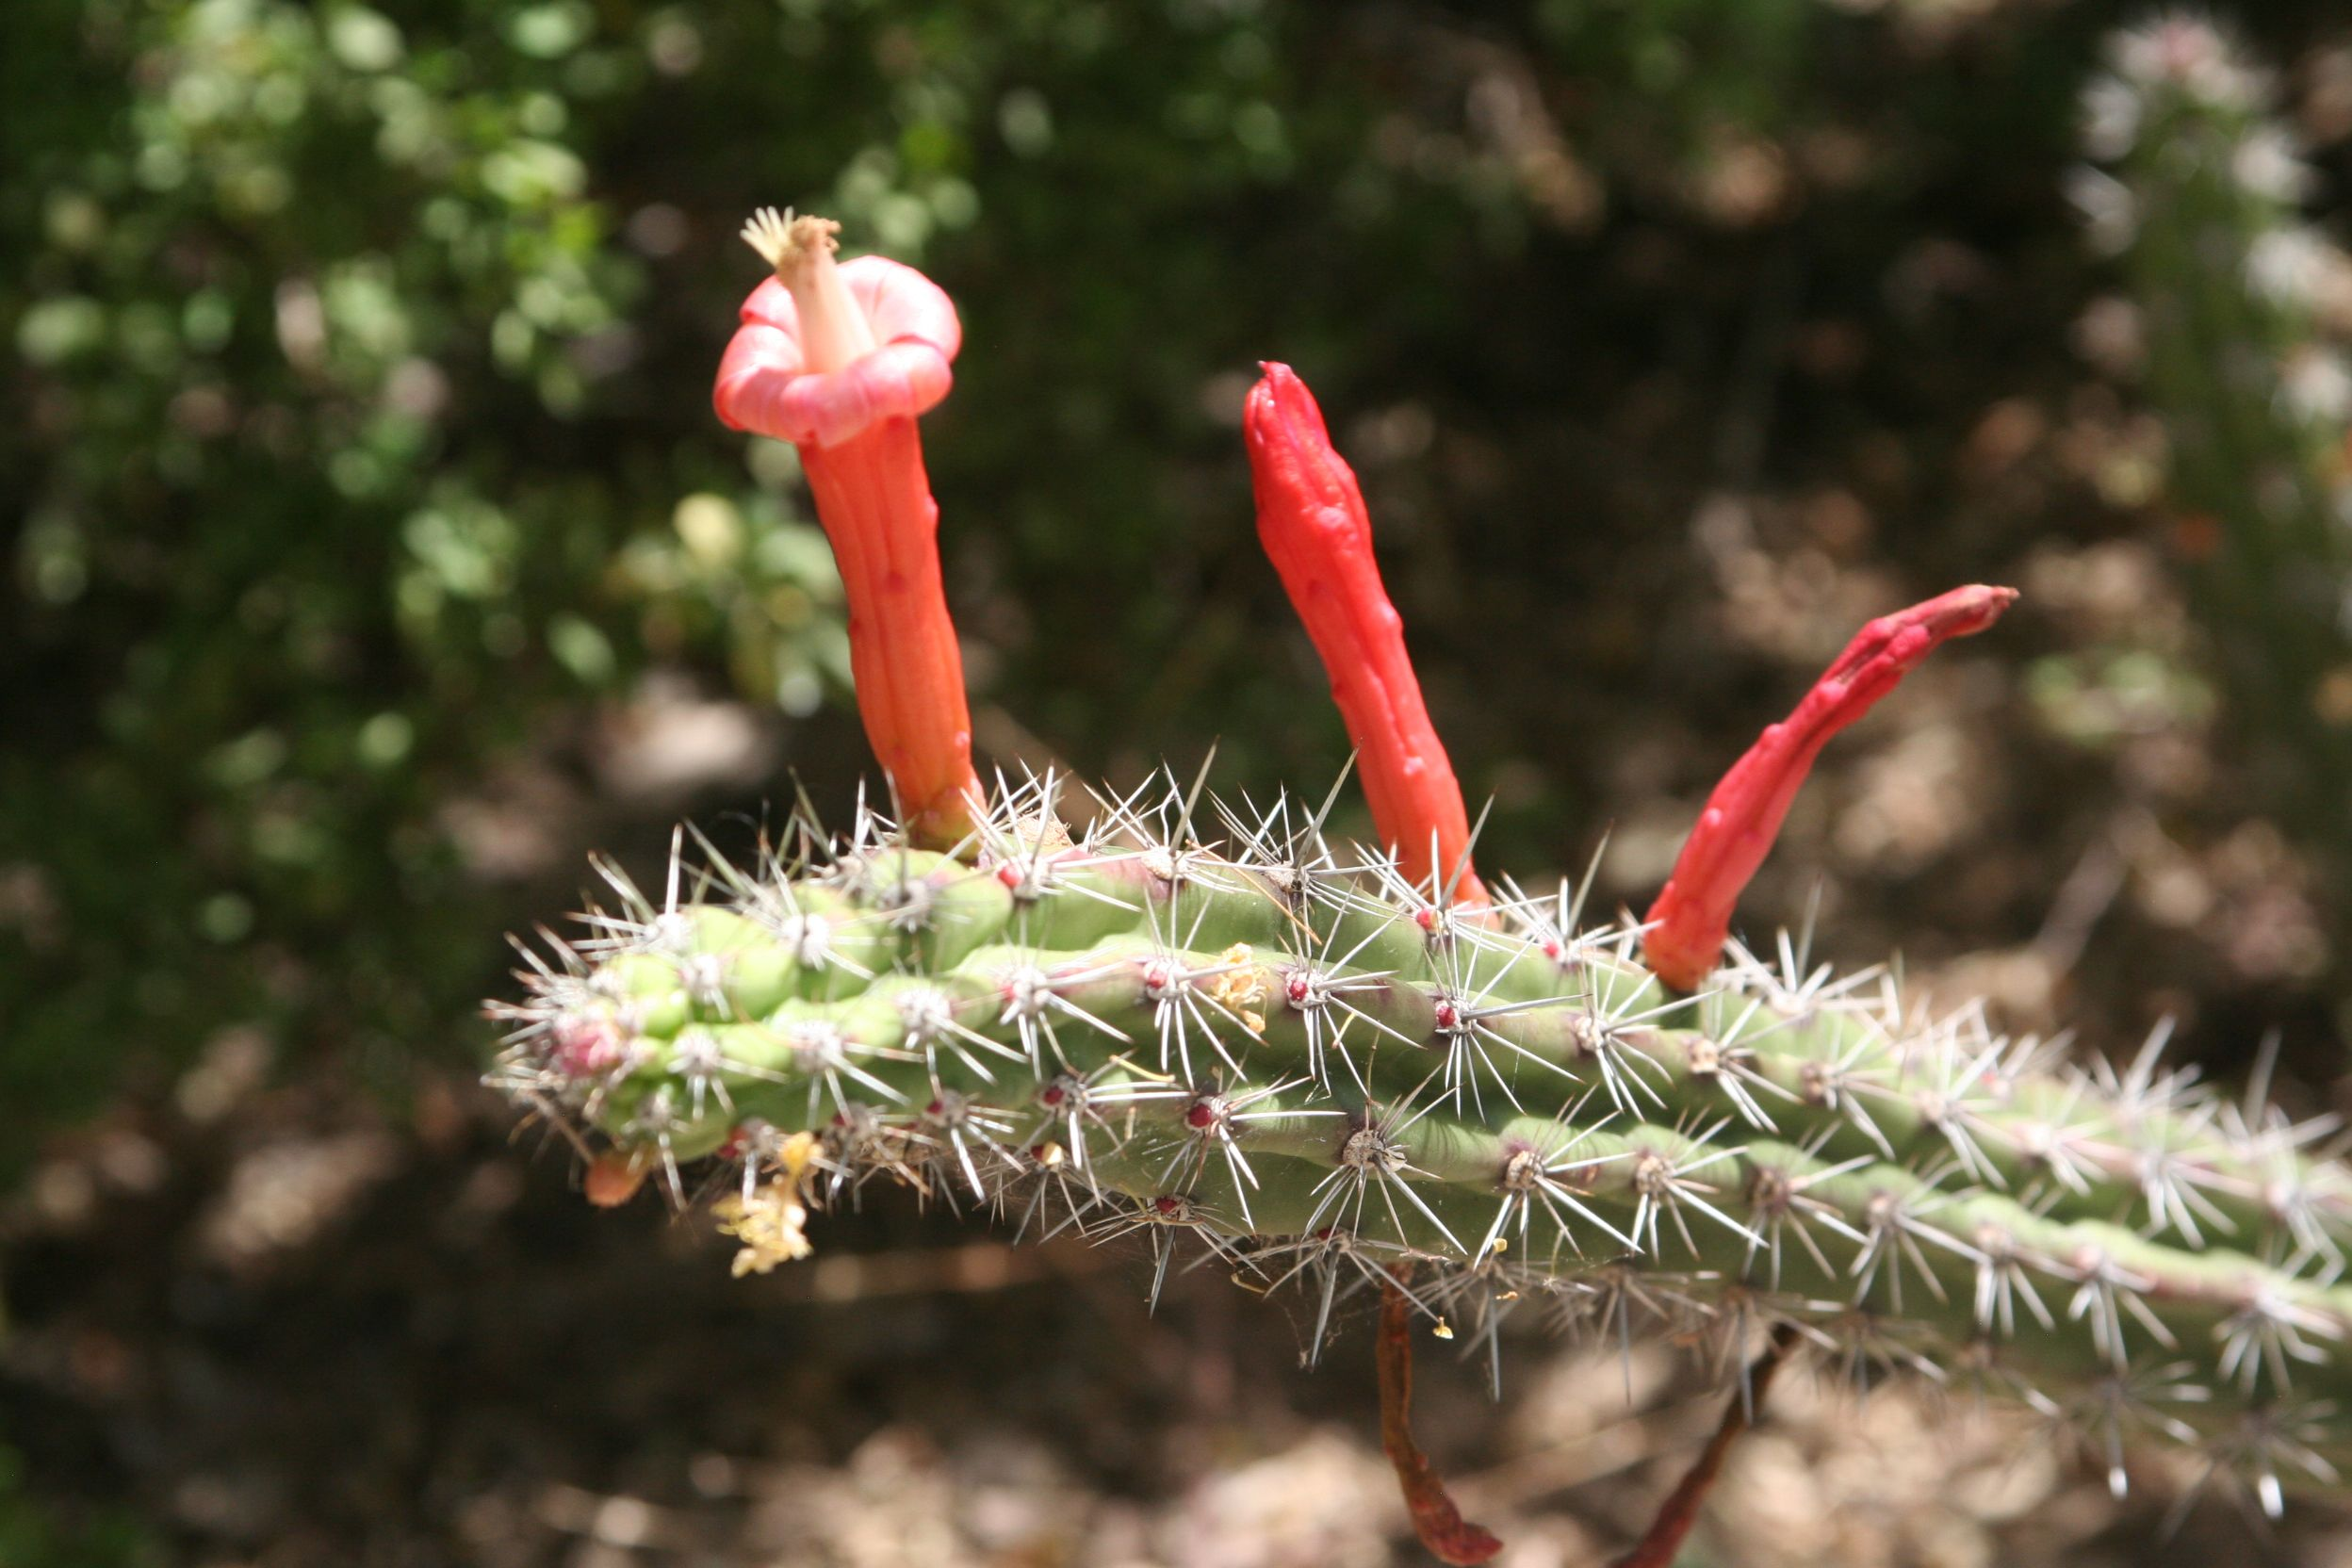 Cactus in Bloom Tucson Arizona